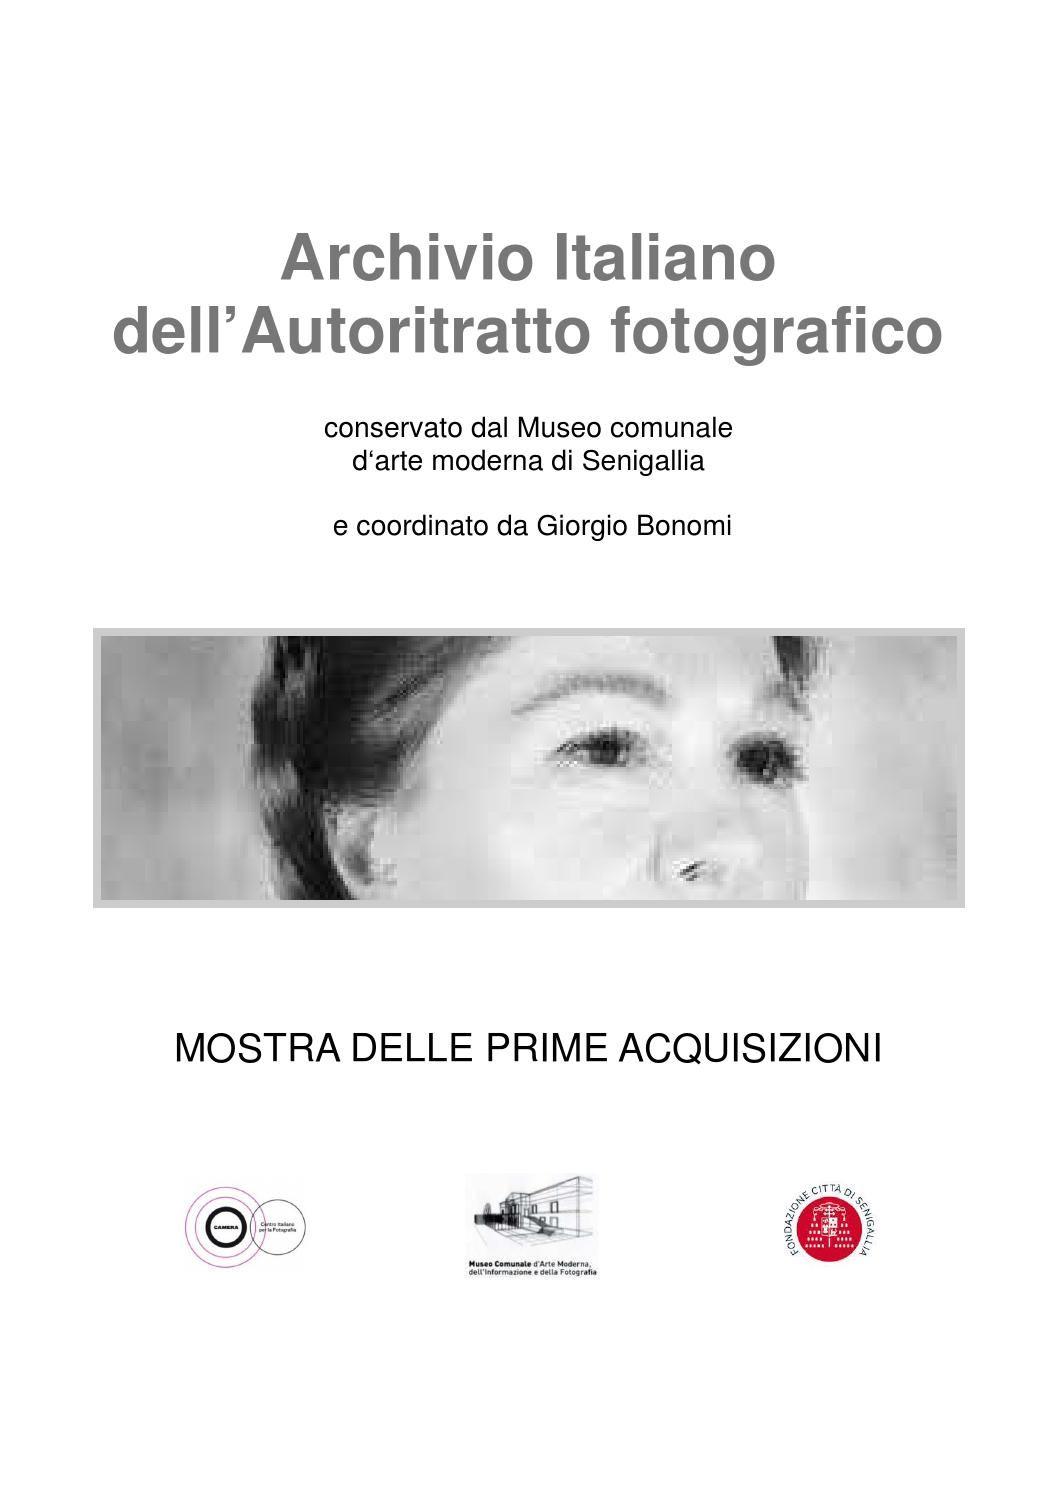 Archivio Italiano dell'Autoritratto fotografico  conservato dal Museo comunale d'Arte moderna di Senigallia e coordinato da Giorgio Bonomi